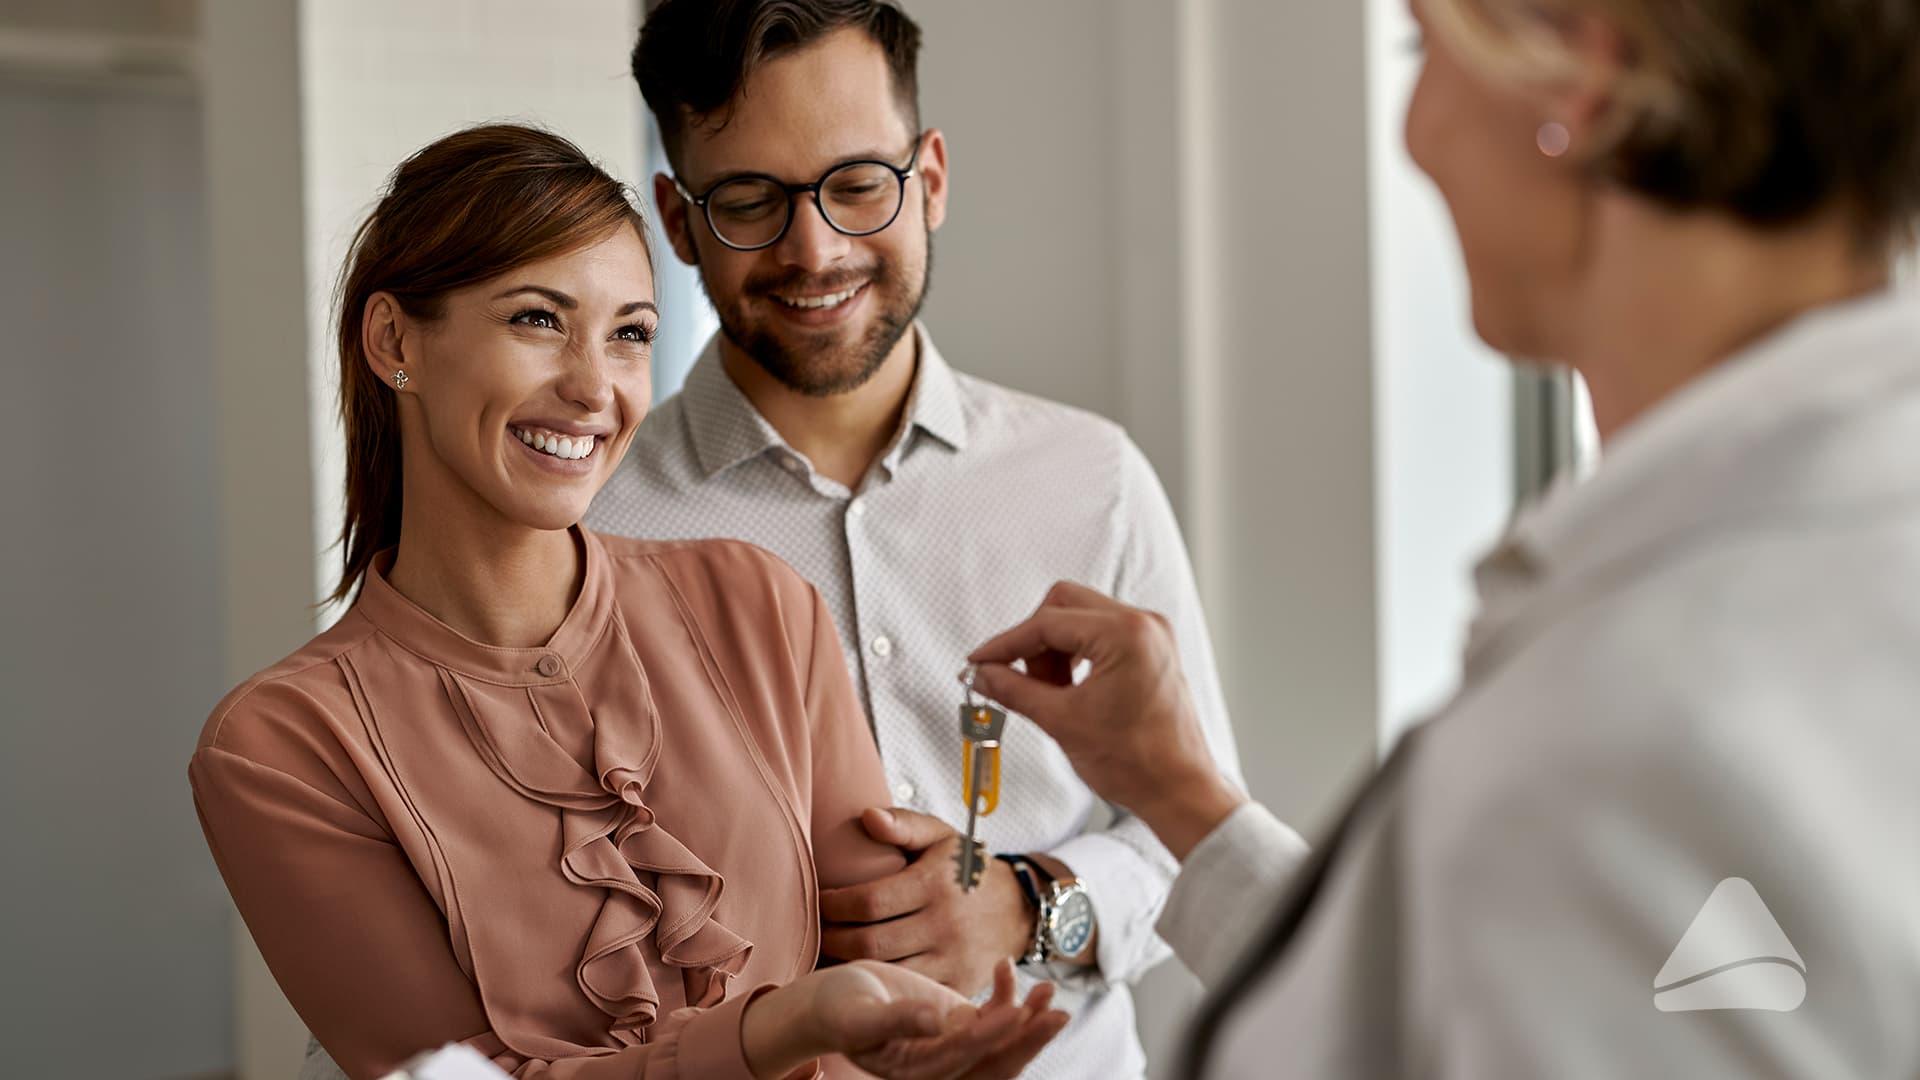 A imobiliária líder em vendas, o melhor negócio para você